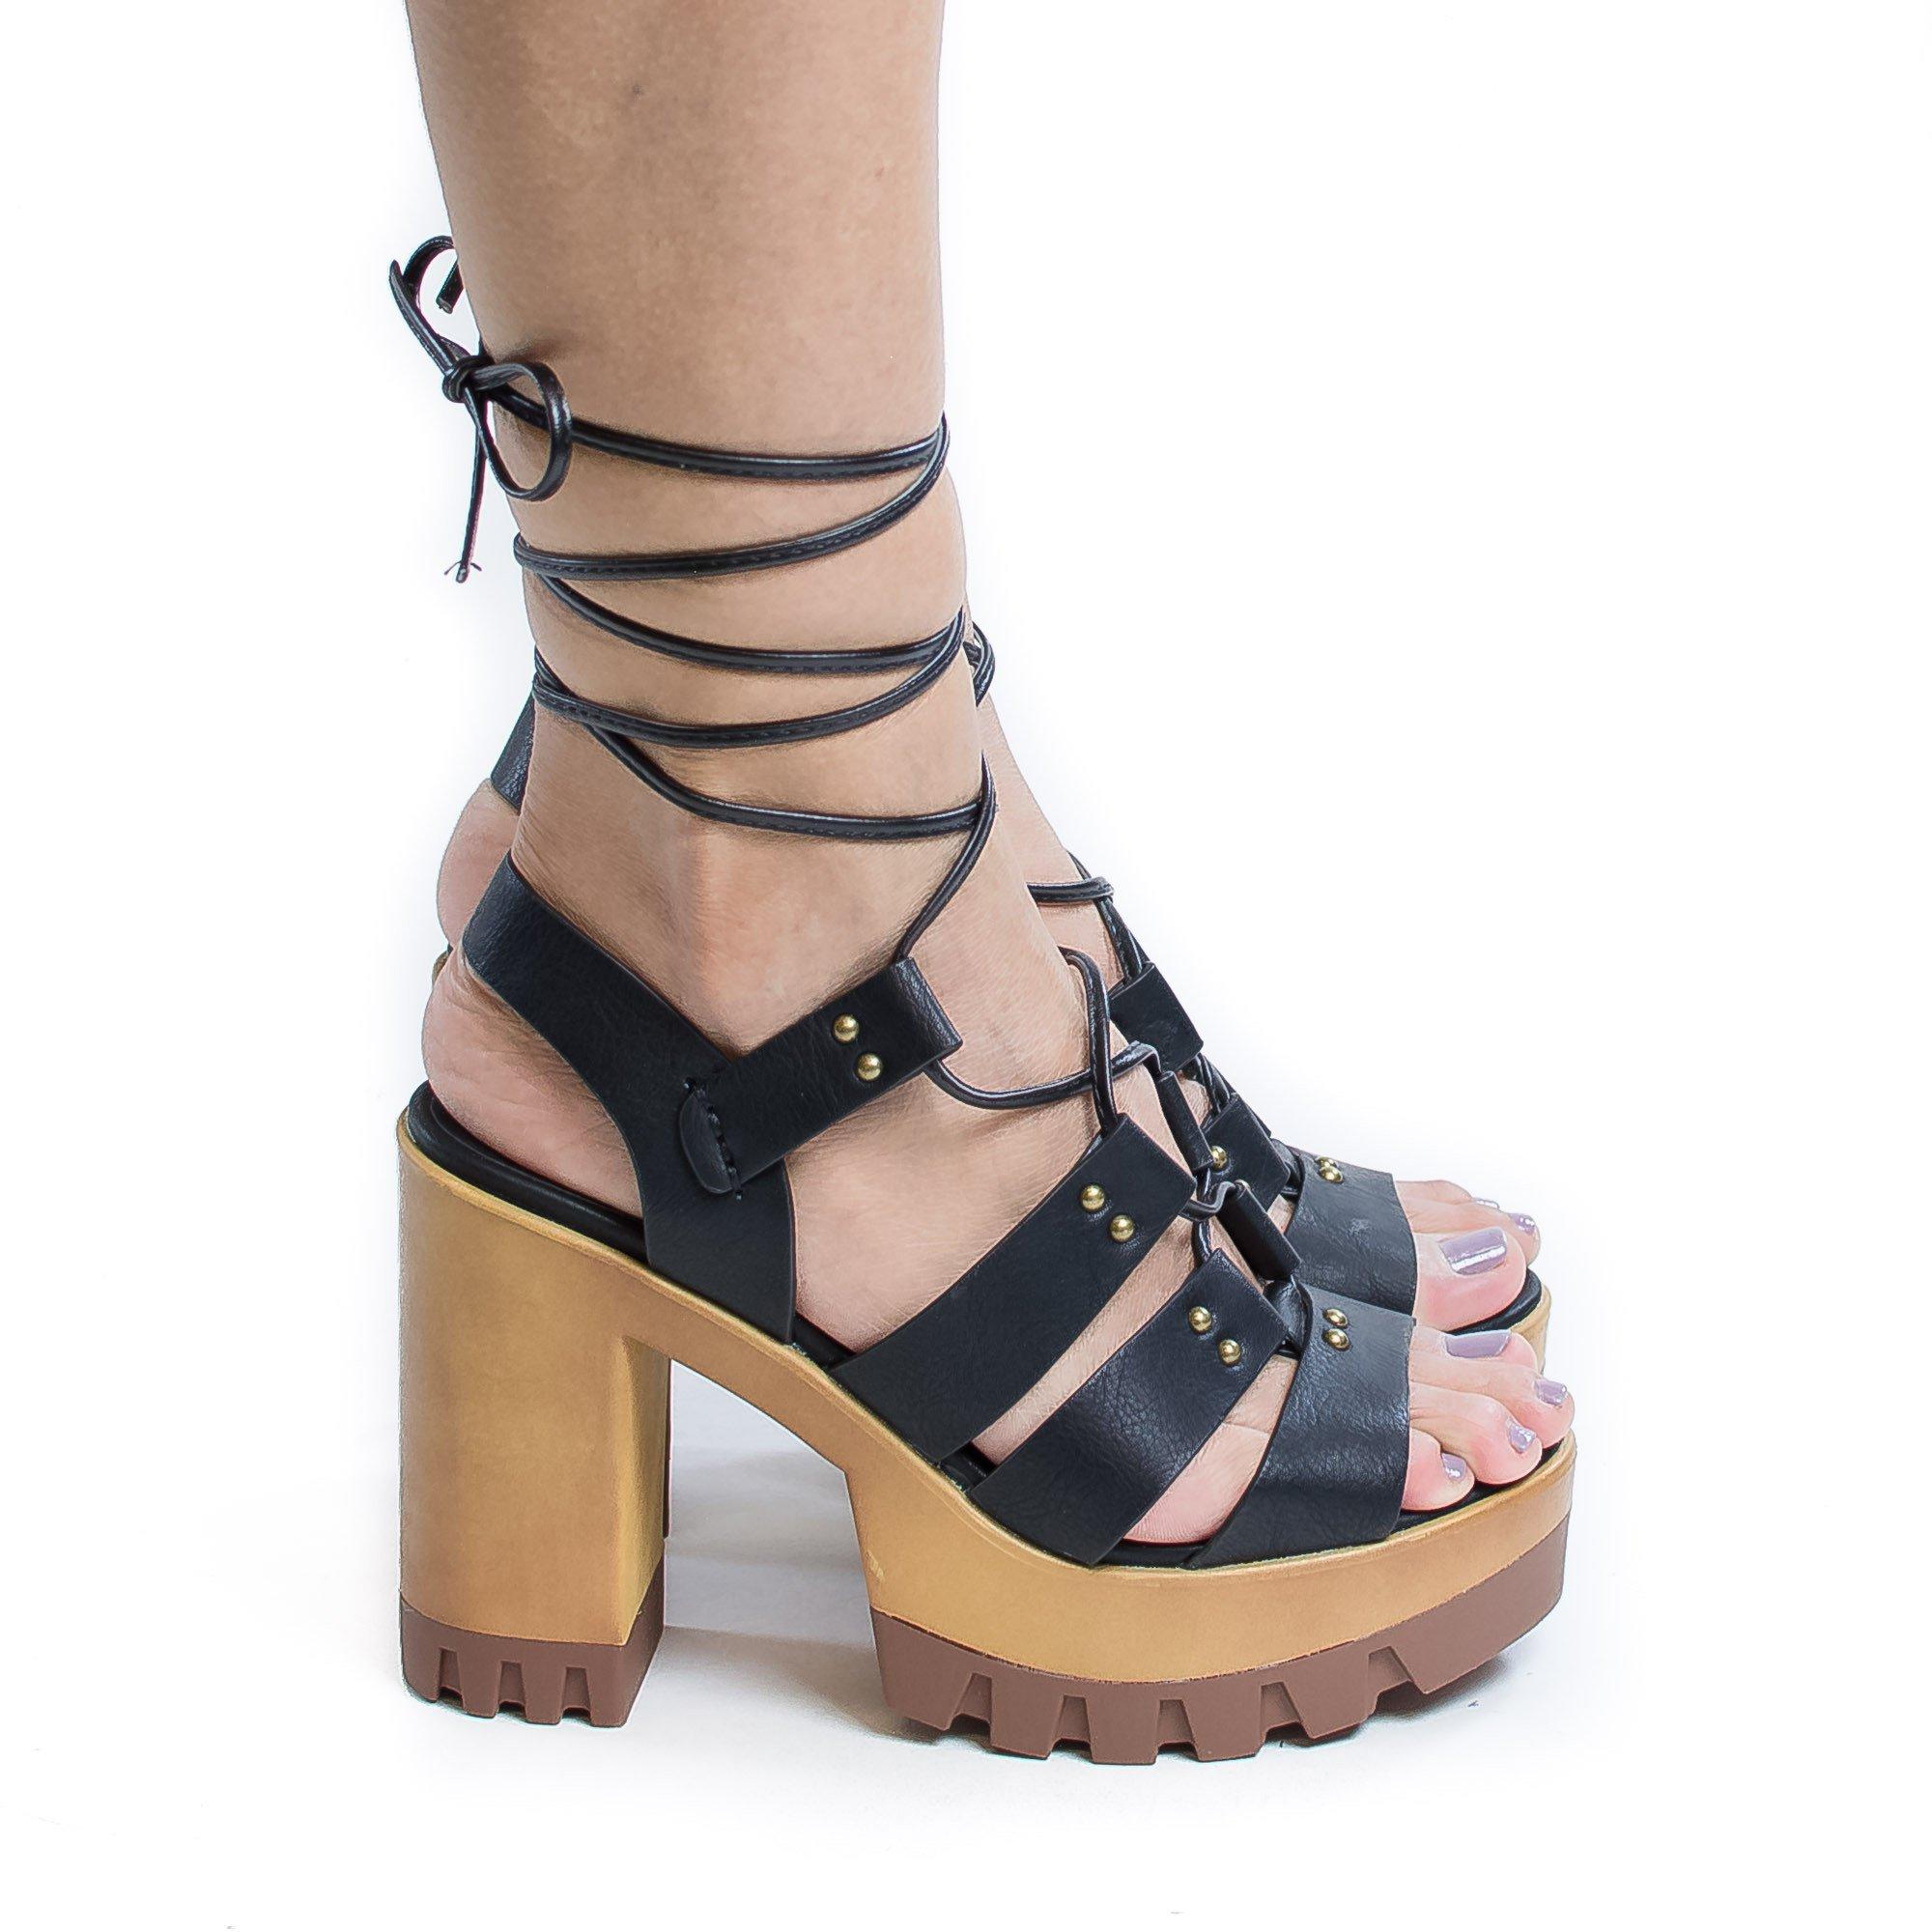 Leslie05 by Wild Diva, Corset Lace Up Sling Back Lug Sole Platform Chunky Heels Pumps